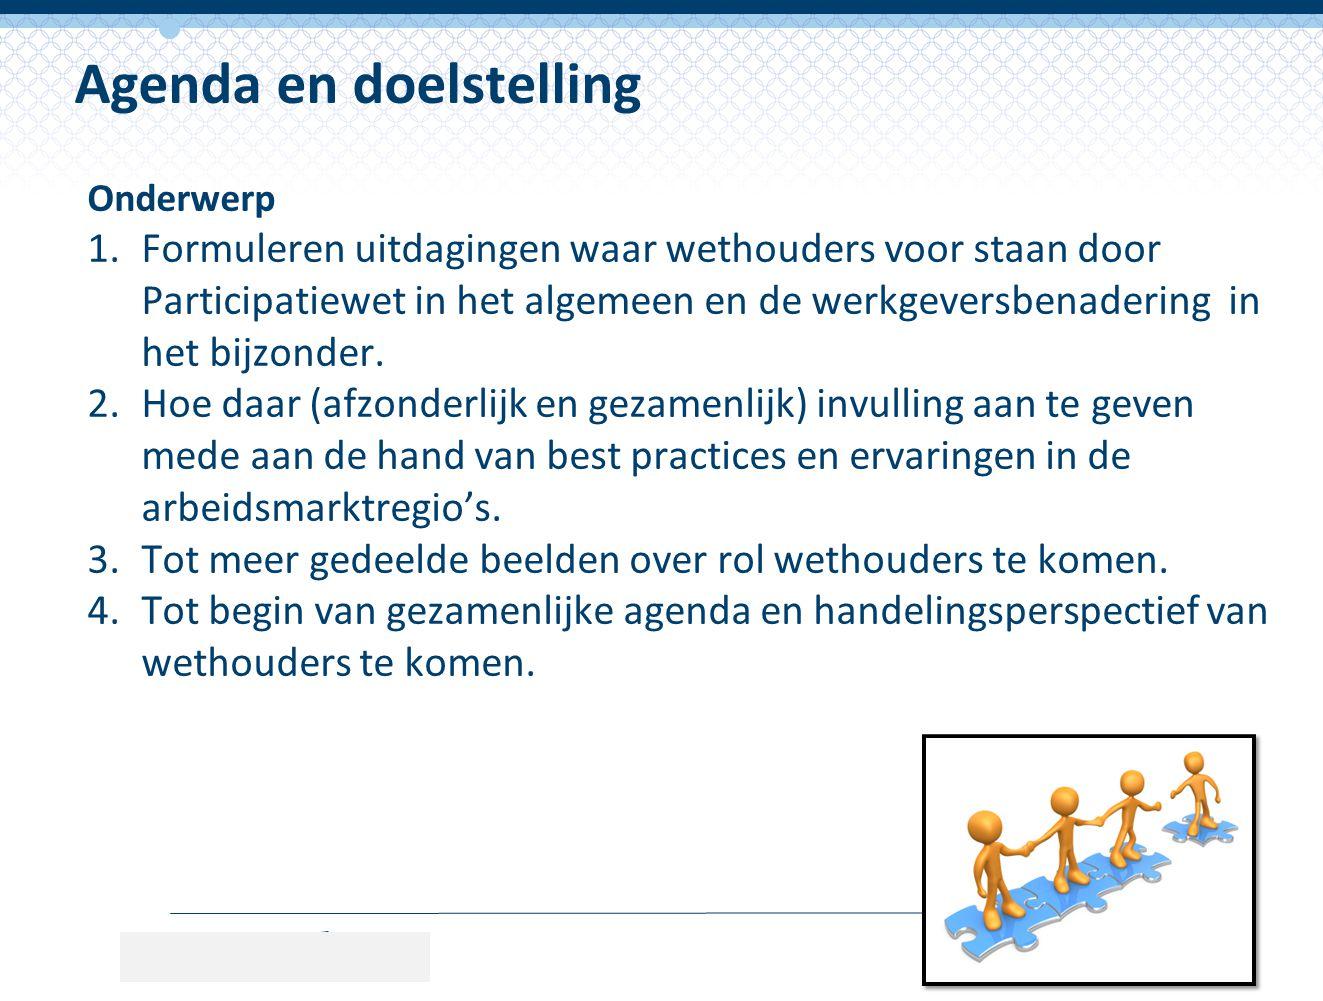 Onderwerp 1.Formuleren uitdagingen waar wethouders voor staan door Participatiewet in het algemeen en de werkgeversbenadering in het bijzonder. 2.Hoe